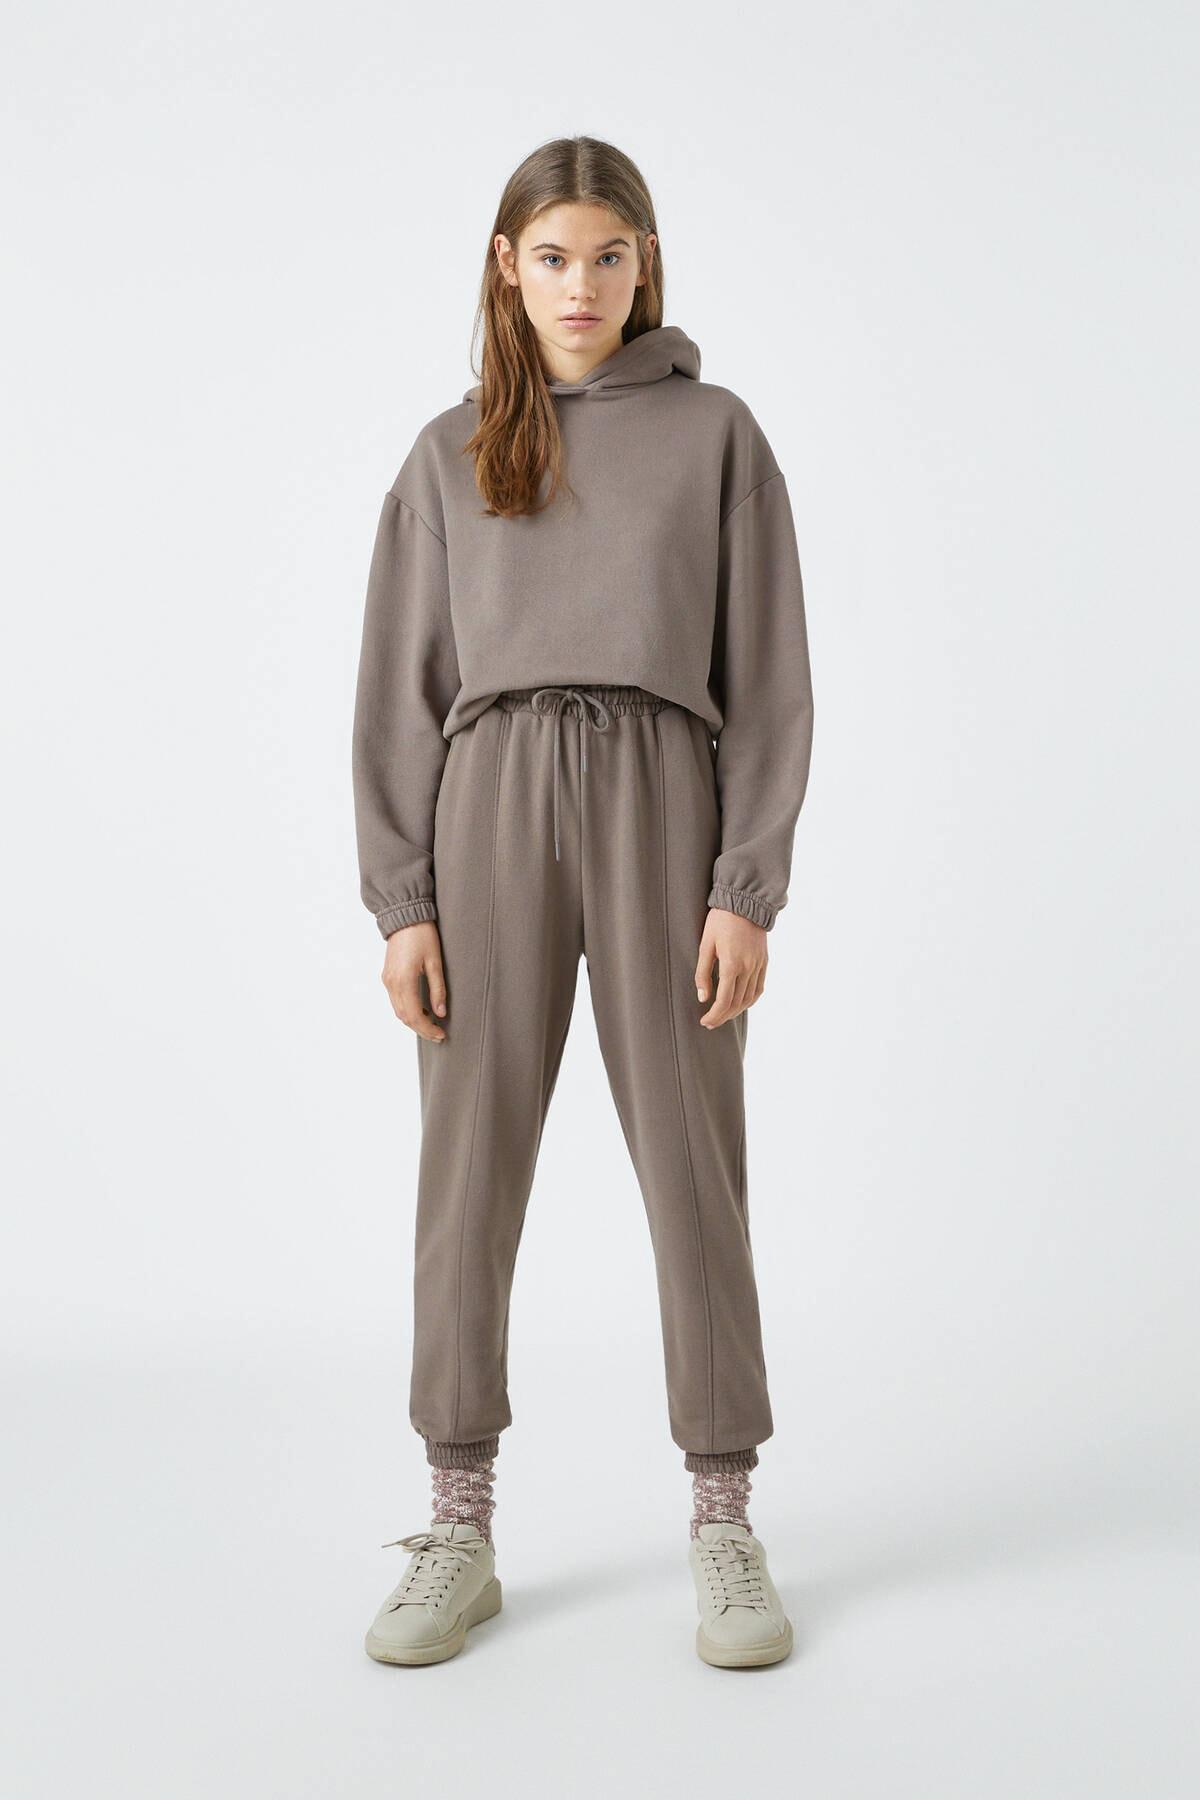 Pull & Bear Kadın Boz Gri Elastik Kenarlı Kapüşonlu Sweatshirt 04591309 2